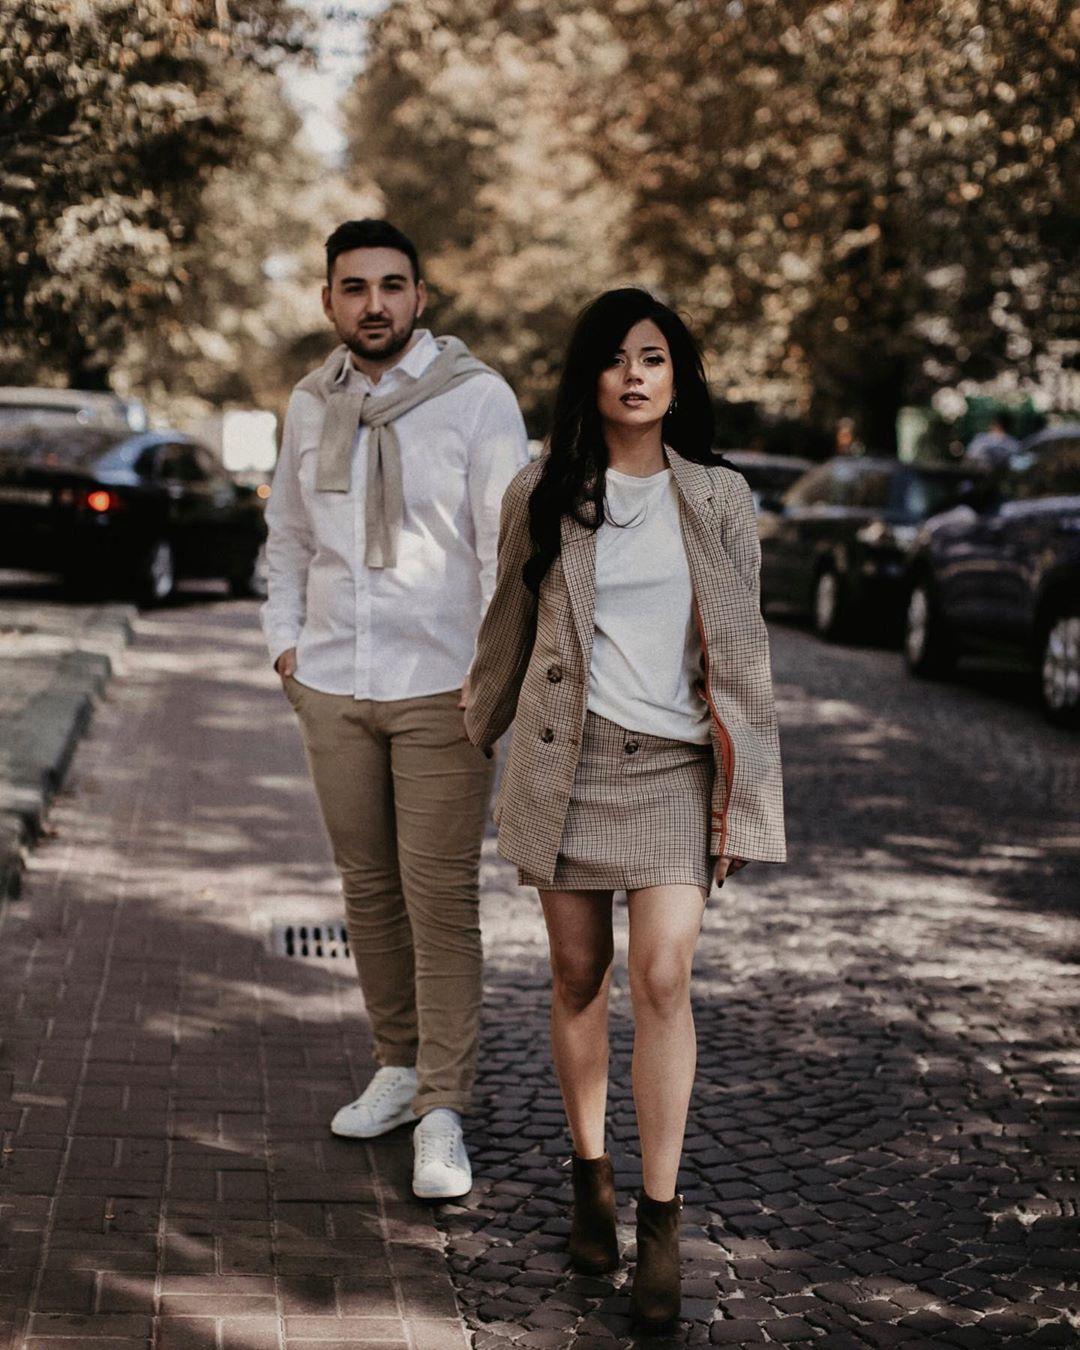 Как влюбленные пары подбирают себе стильные образы-Фото 2